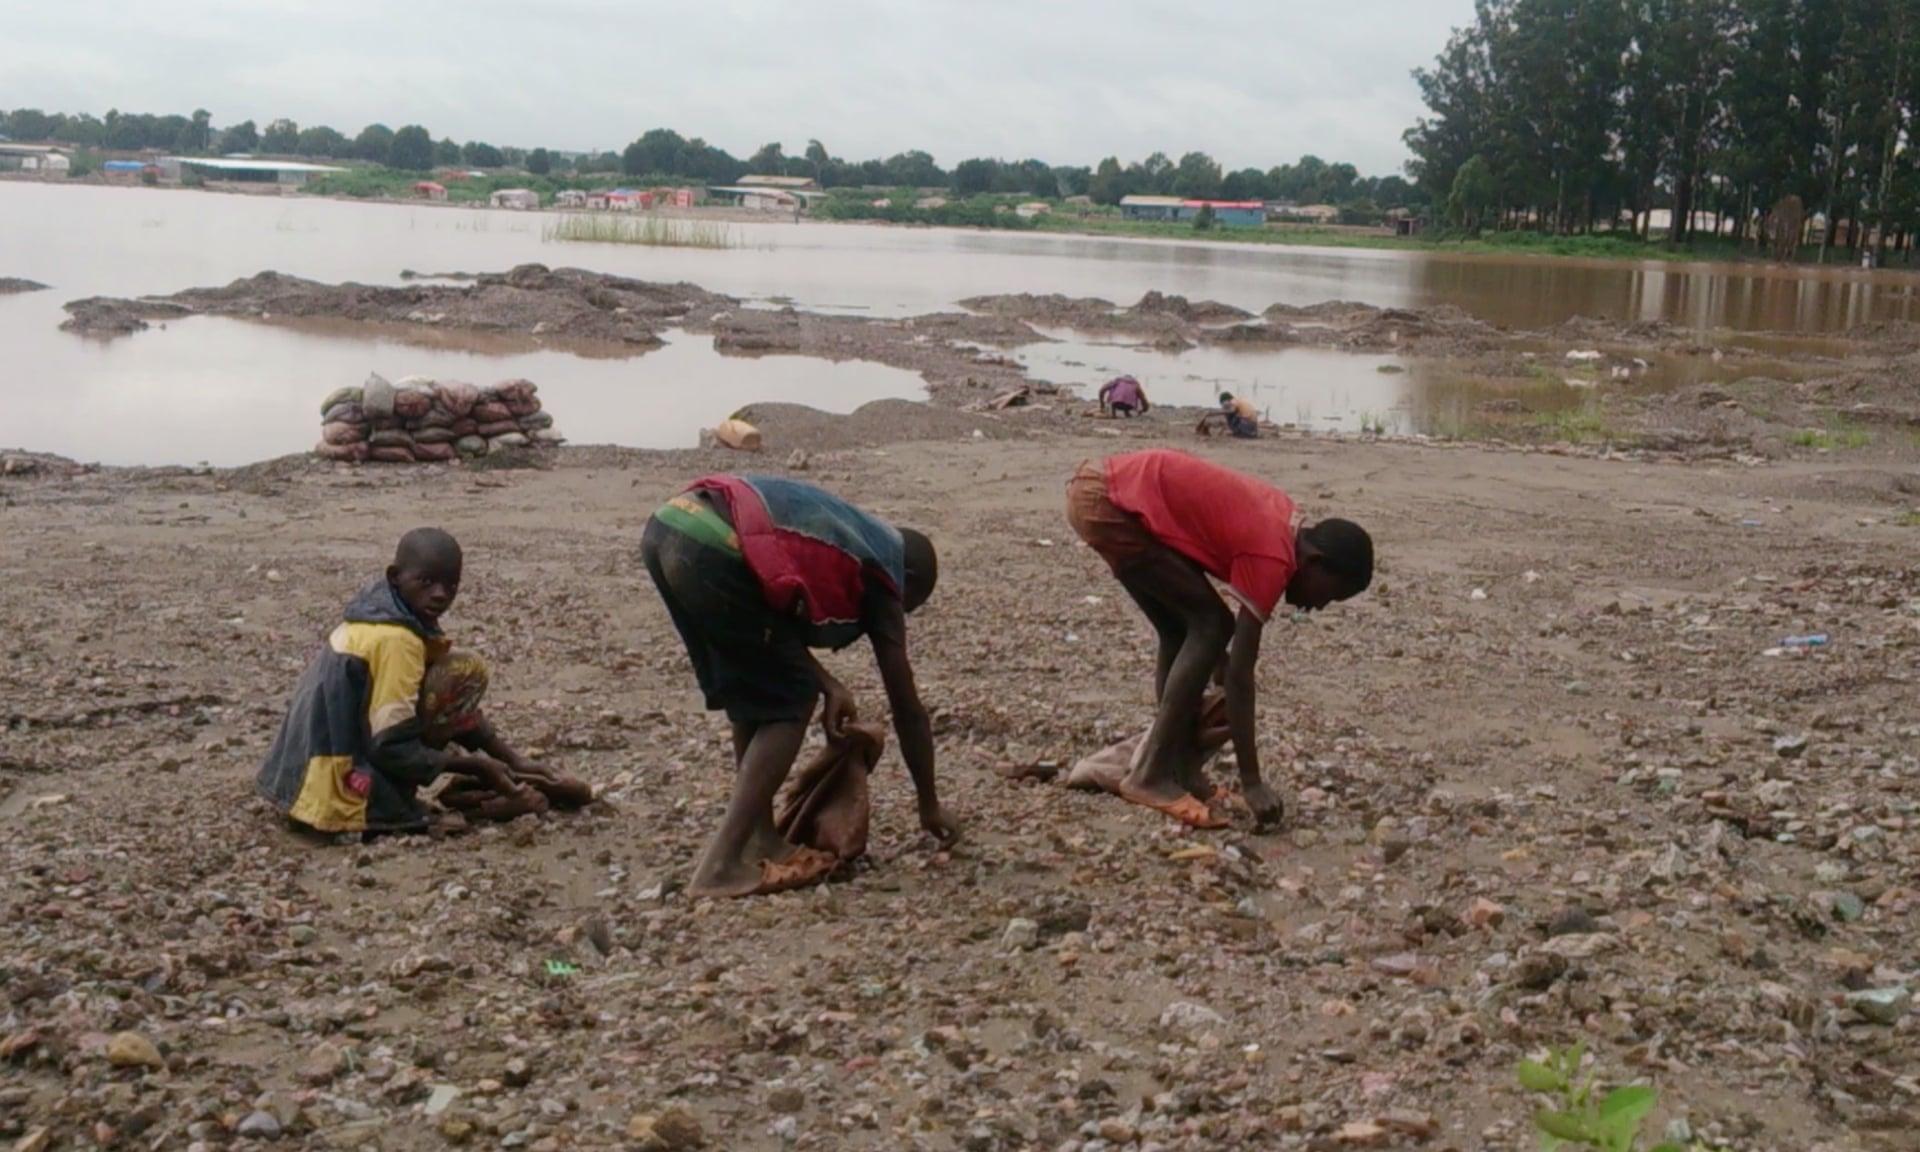 Crianças trabalhando em minas de cobalto na África